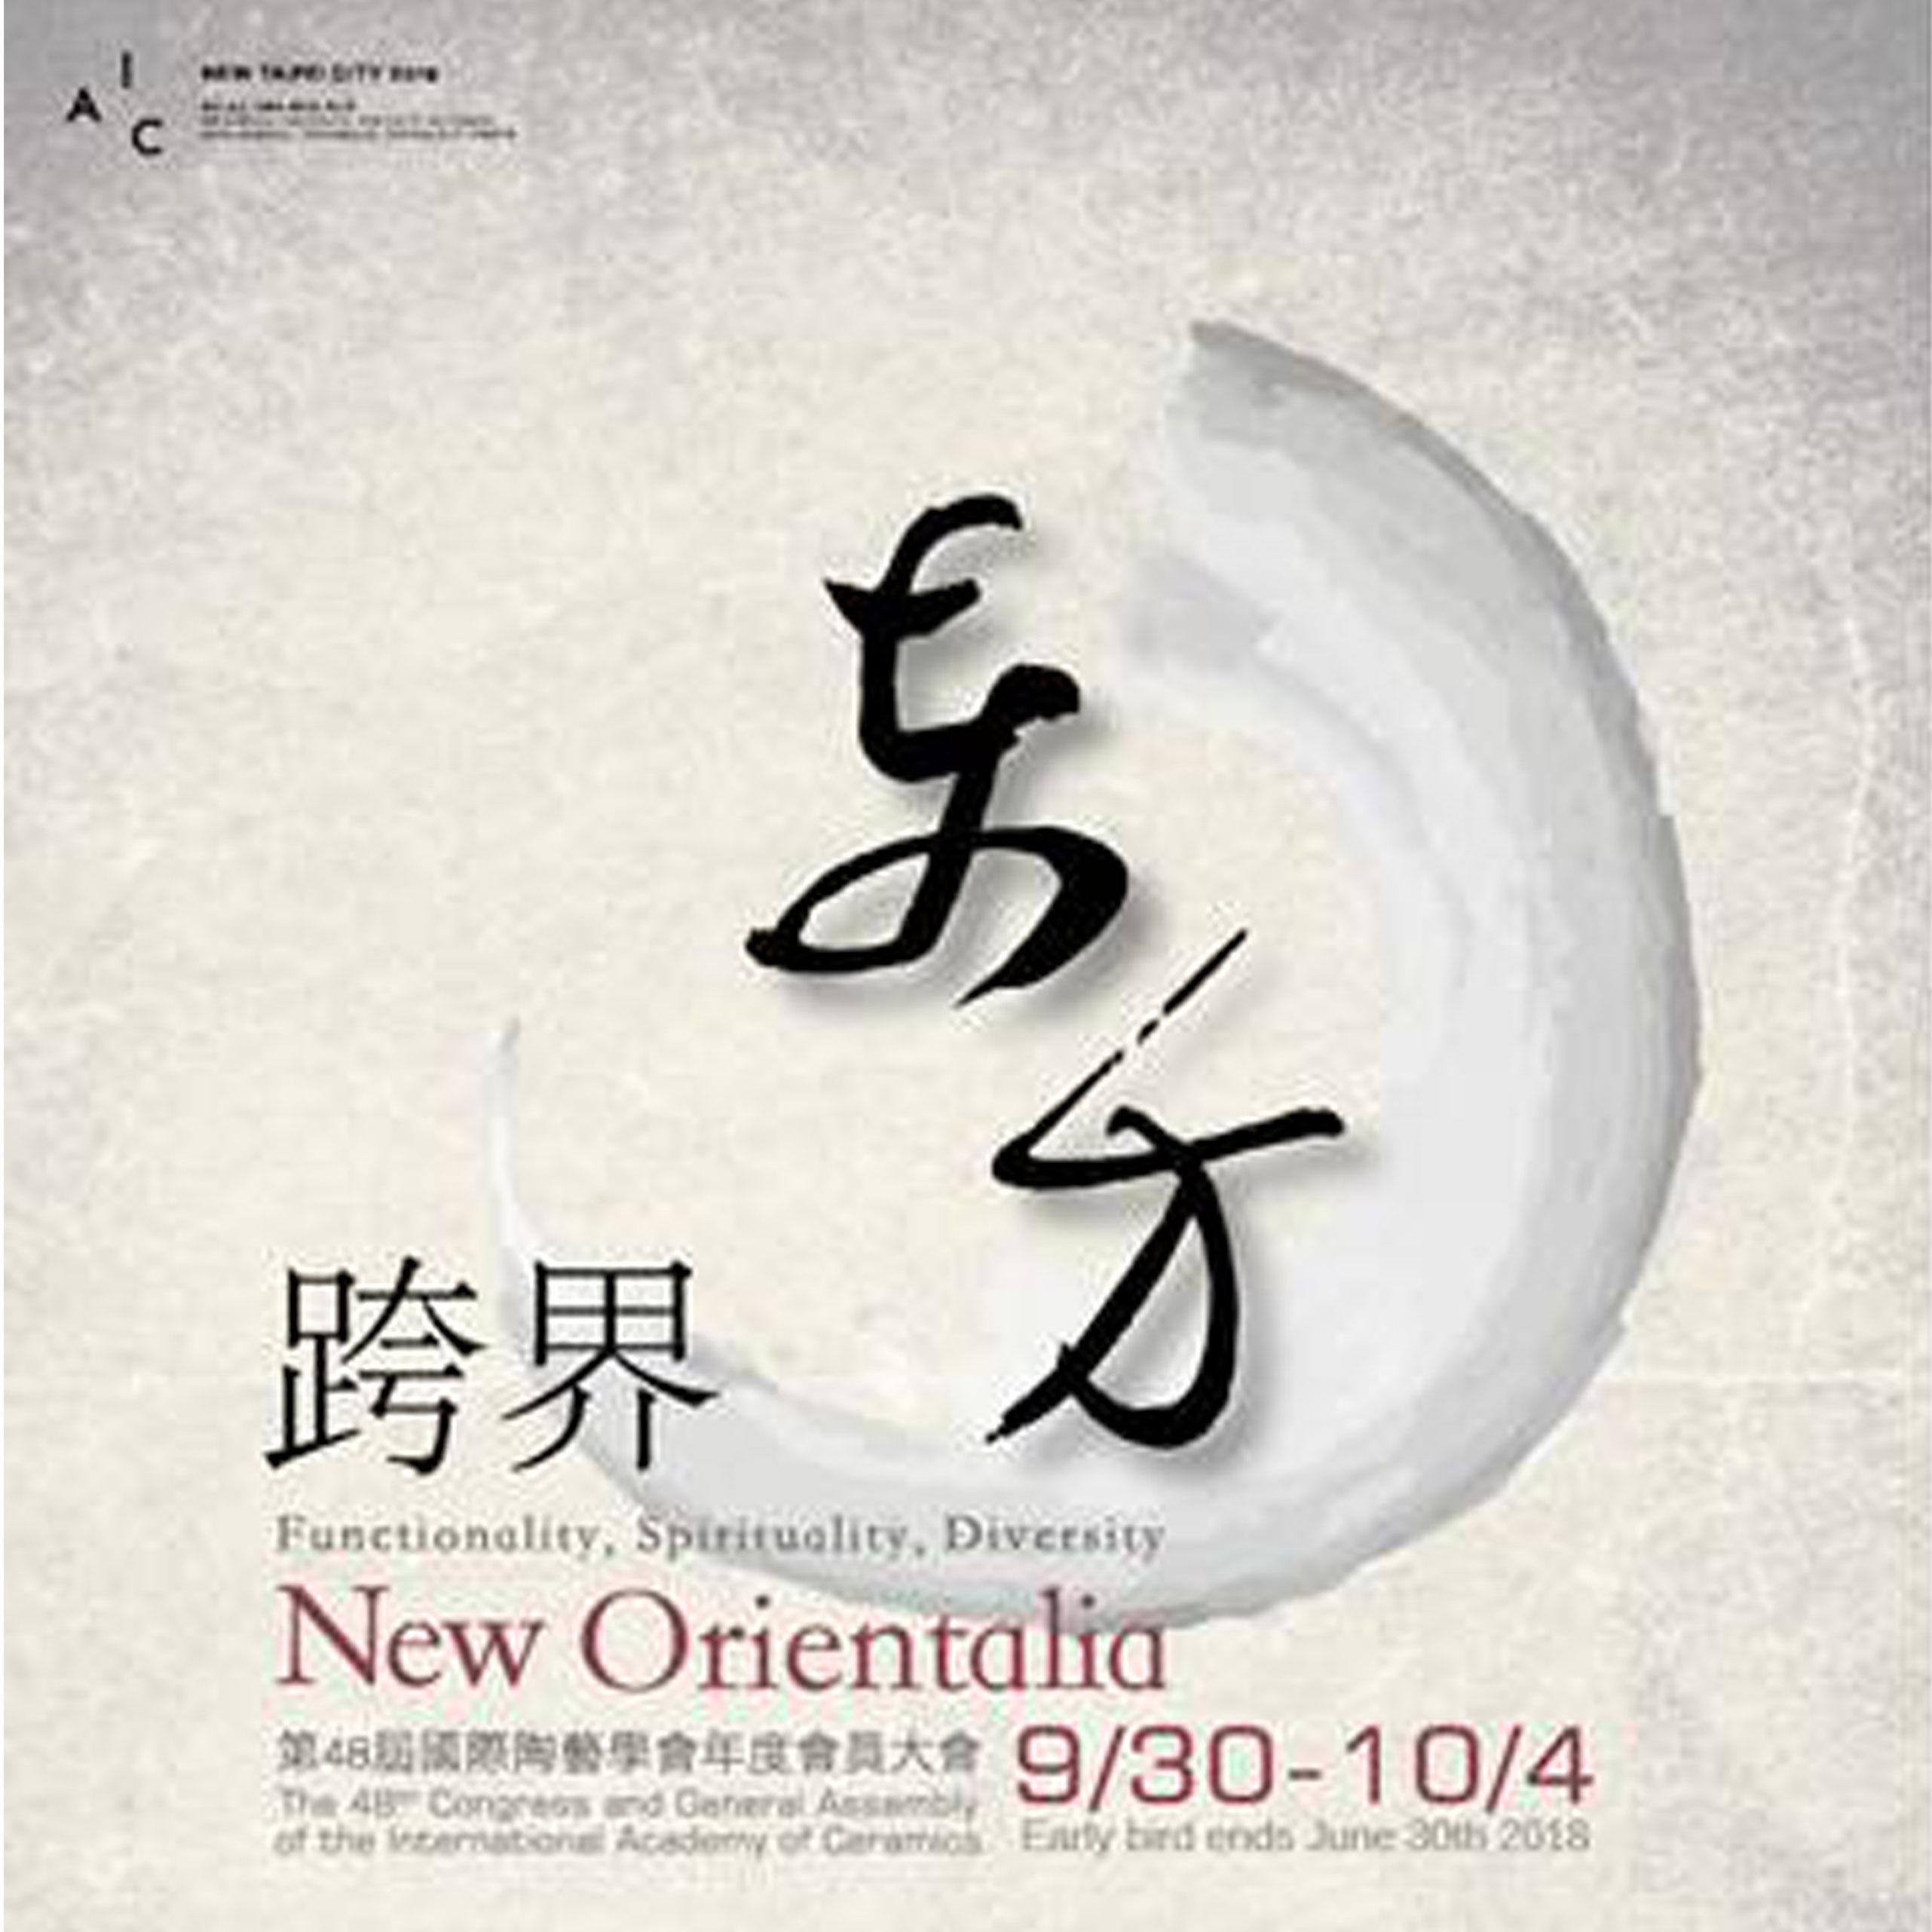 48è Congrés De L'Acadèmia Internacional De La Ceràmica